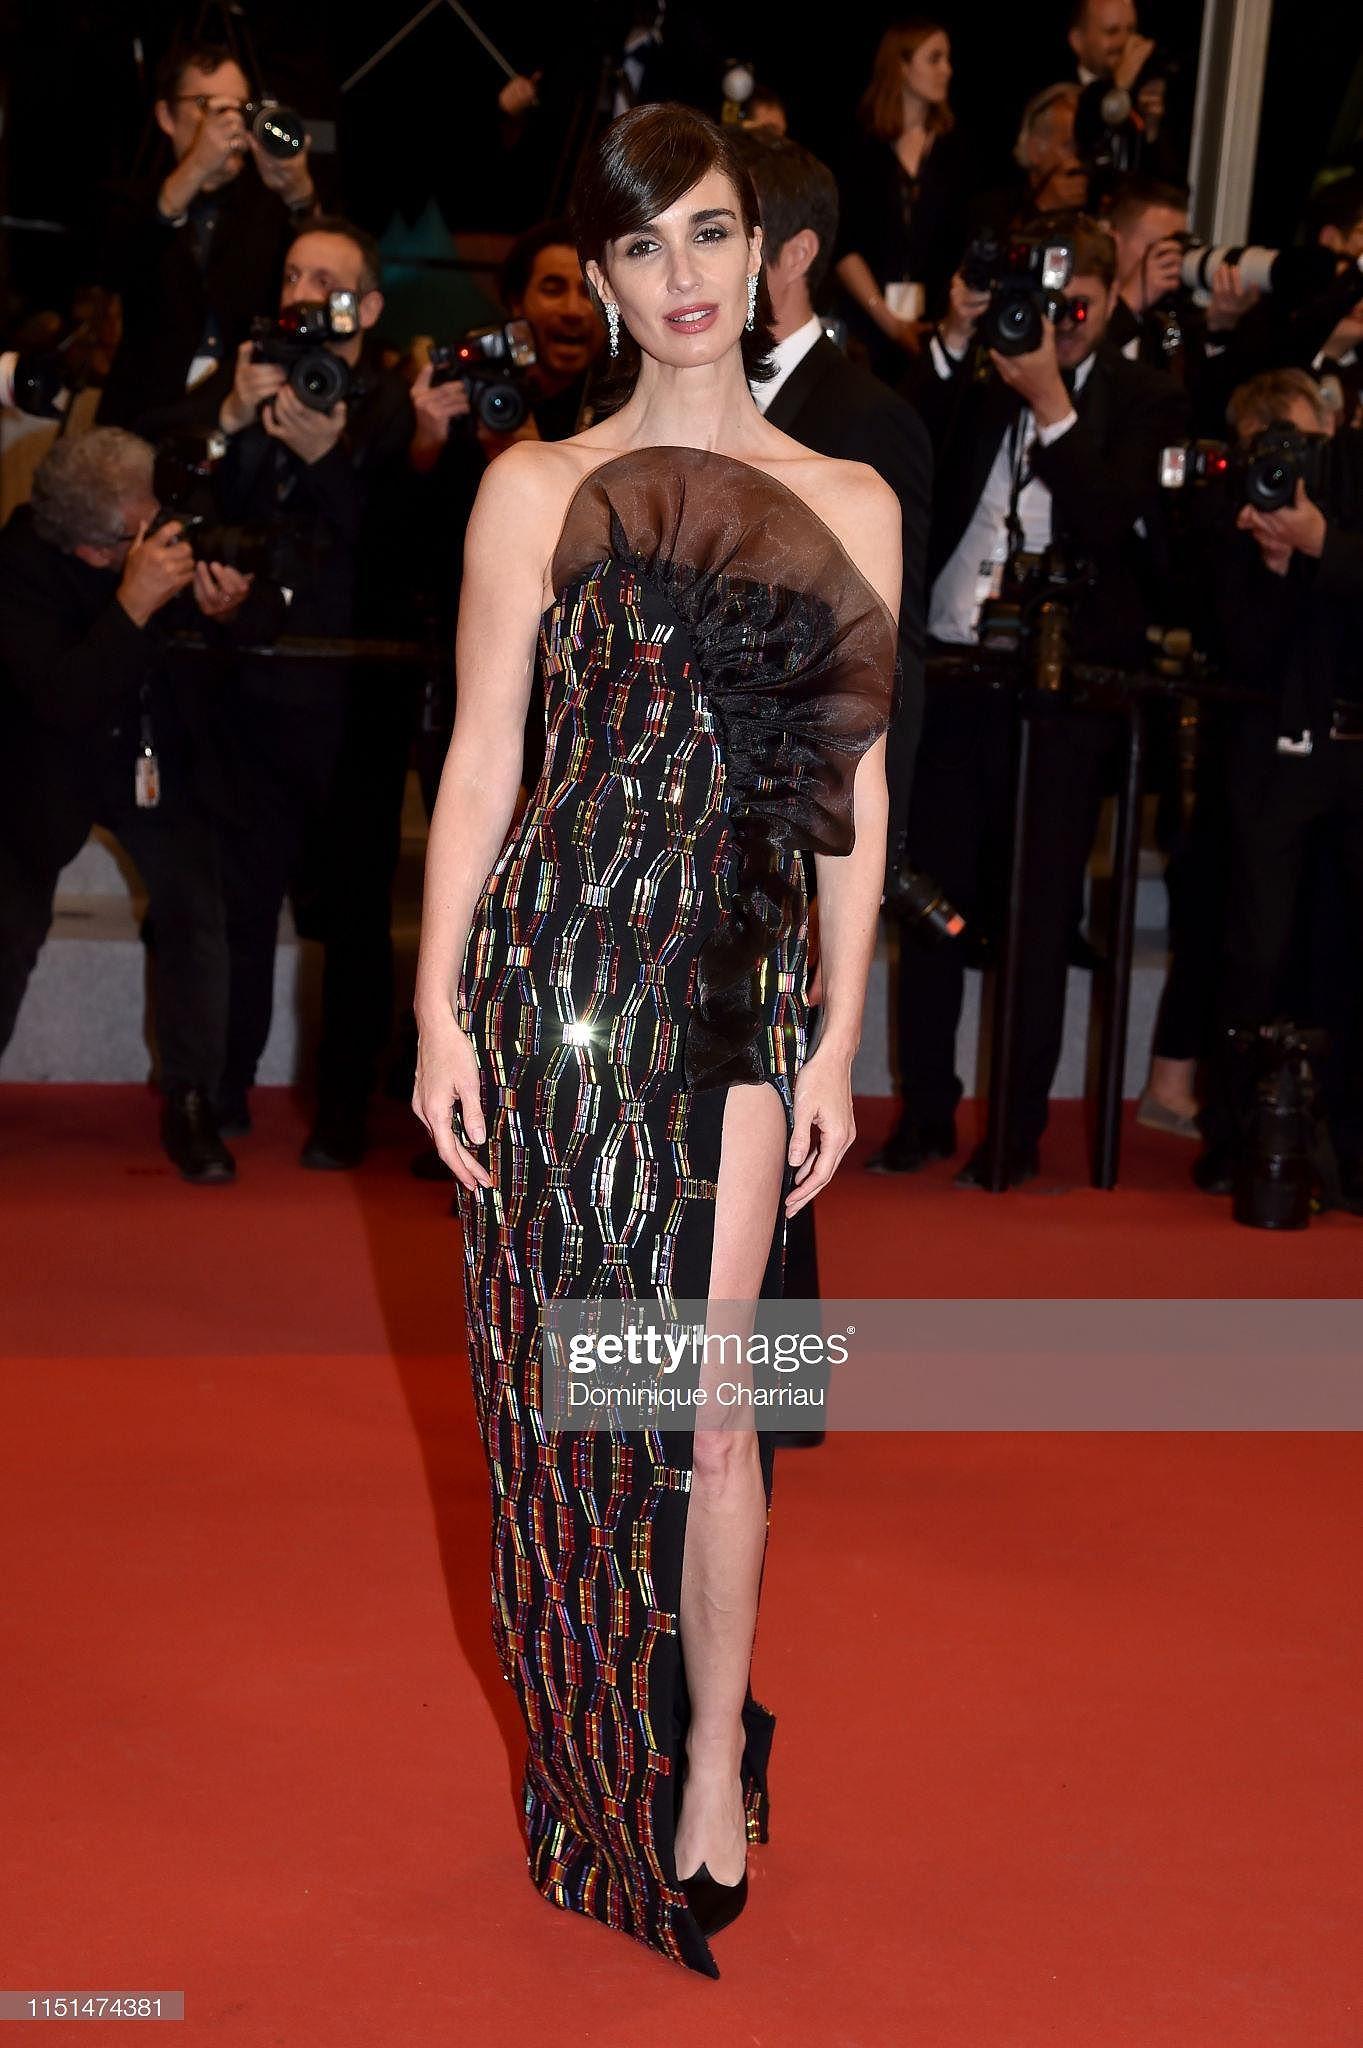 Cannes ngày 11: Xuất hiện loạt 'đối thủ' của Ngọc Trinh, có cả thảm họa thẩm mỹ - Hình 5